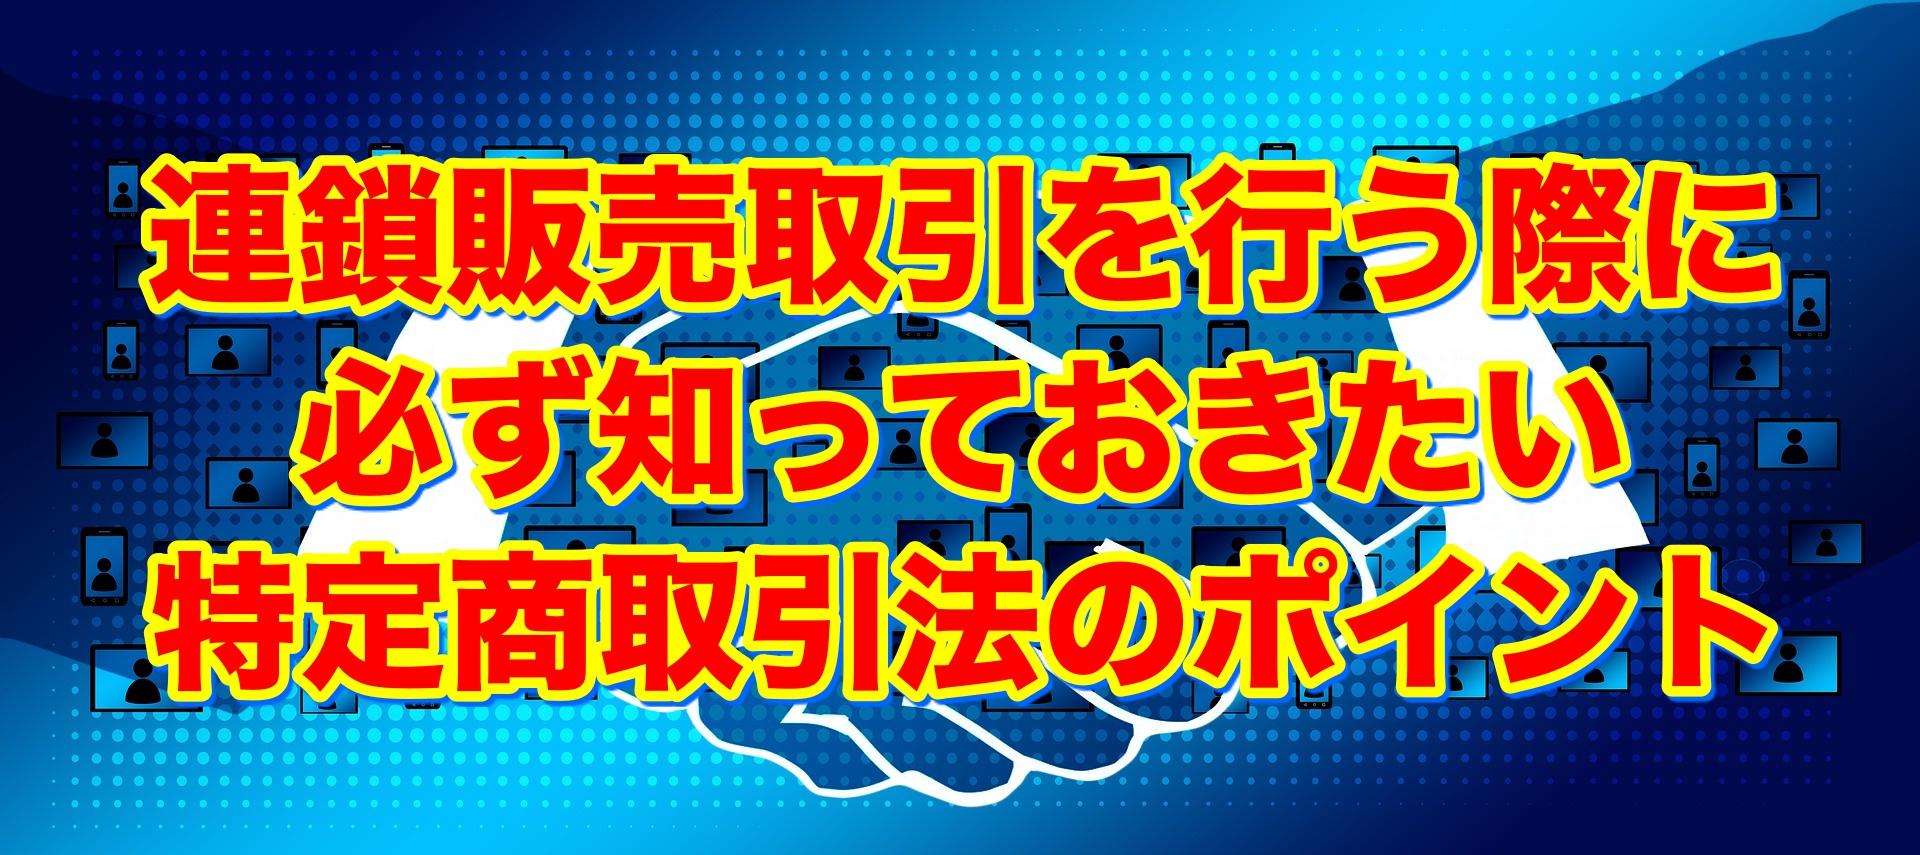 ネットワーカーのための日本一わかりやすい特定商取引法【連鎖販売取引編】